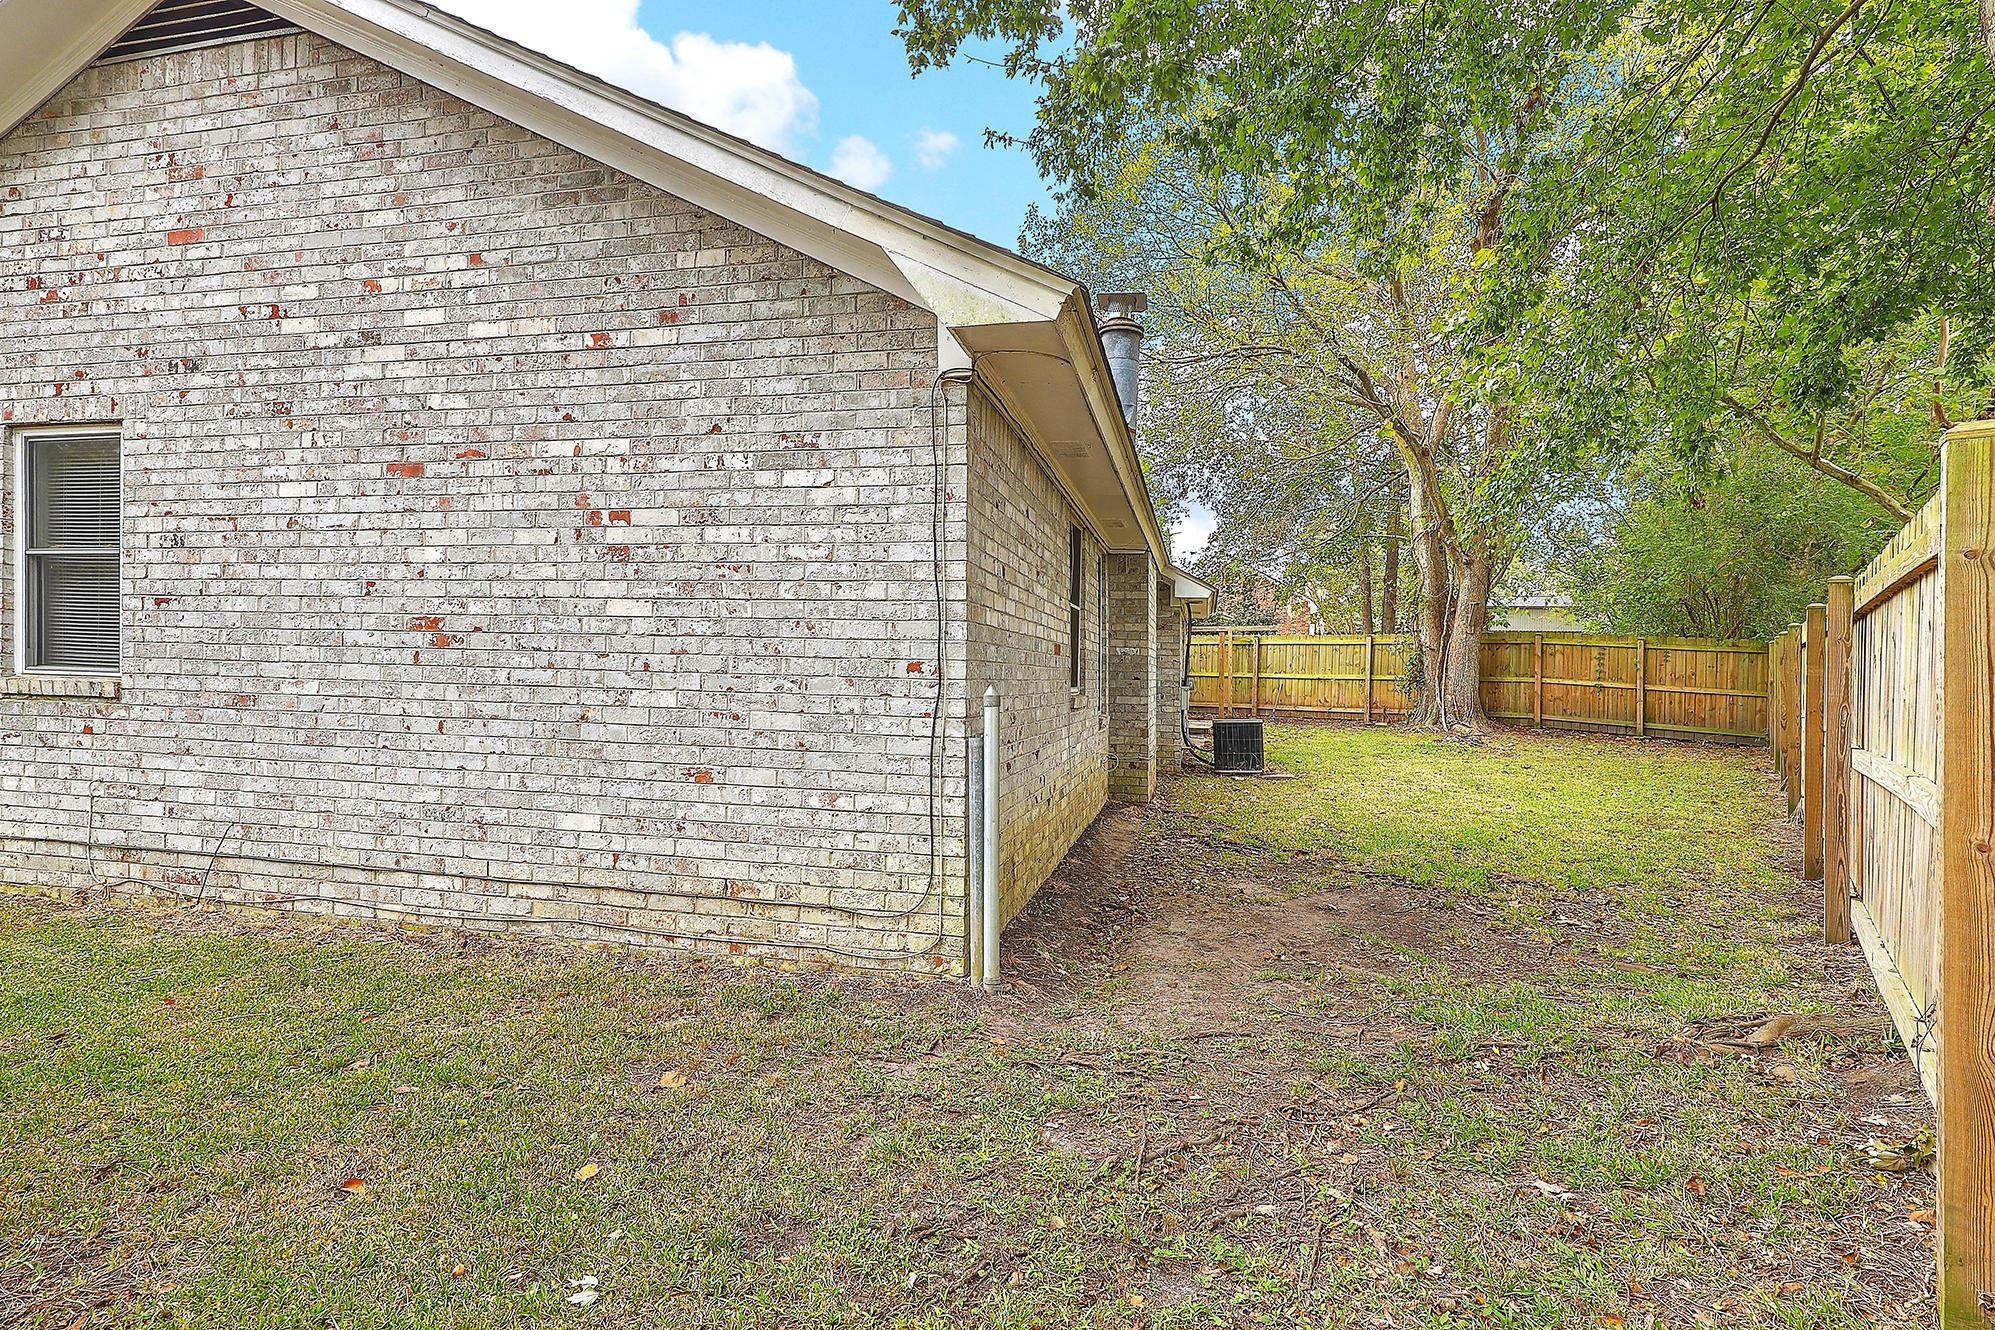 Willowbrook I Homes For Sale - 37 Delaware, Goose Creek, SC - 7